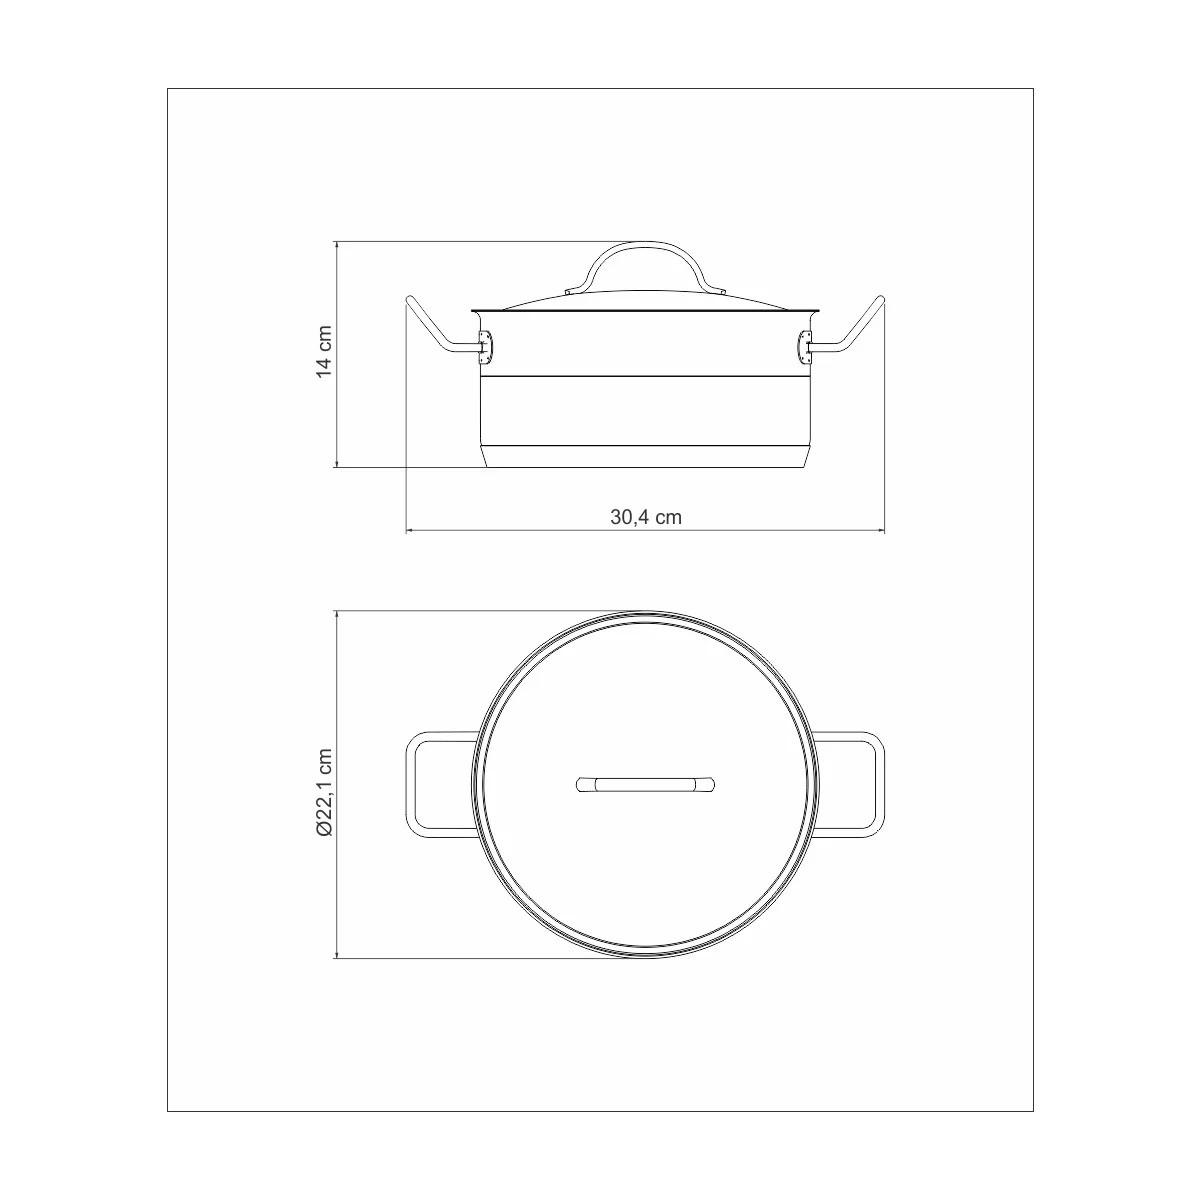 Cozinha Profissional 3 Caçarolas Rasas Tramontina 16, 20, 24cm  - Sua Casa Gourmet e Cia